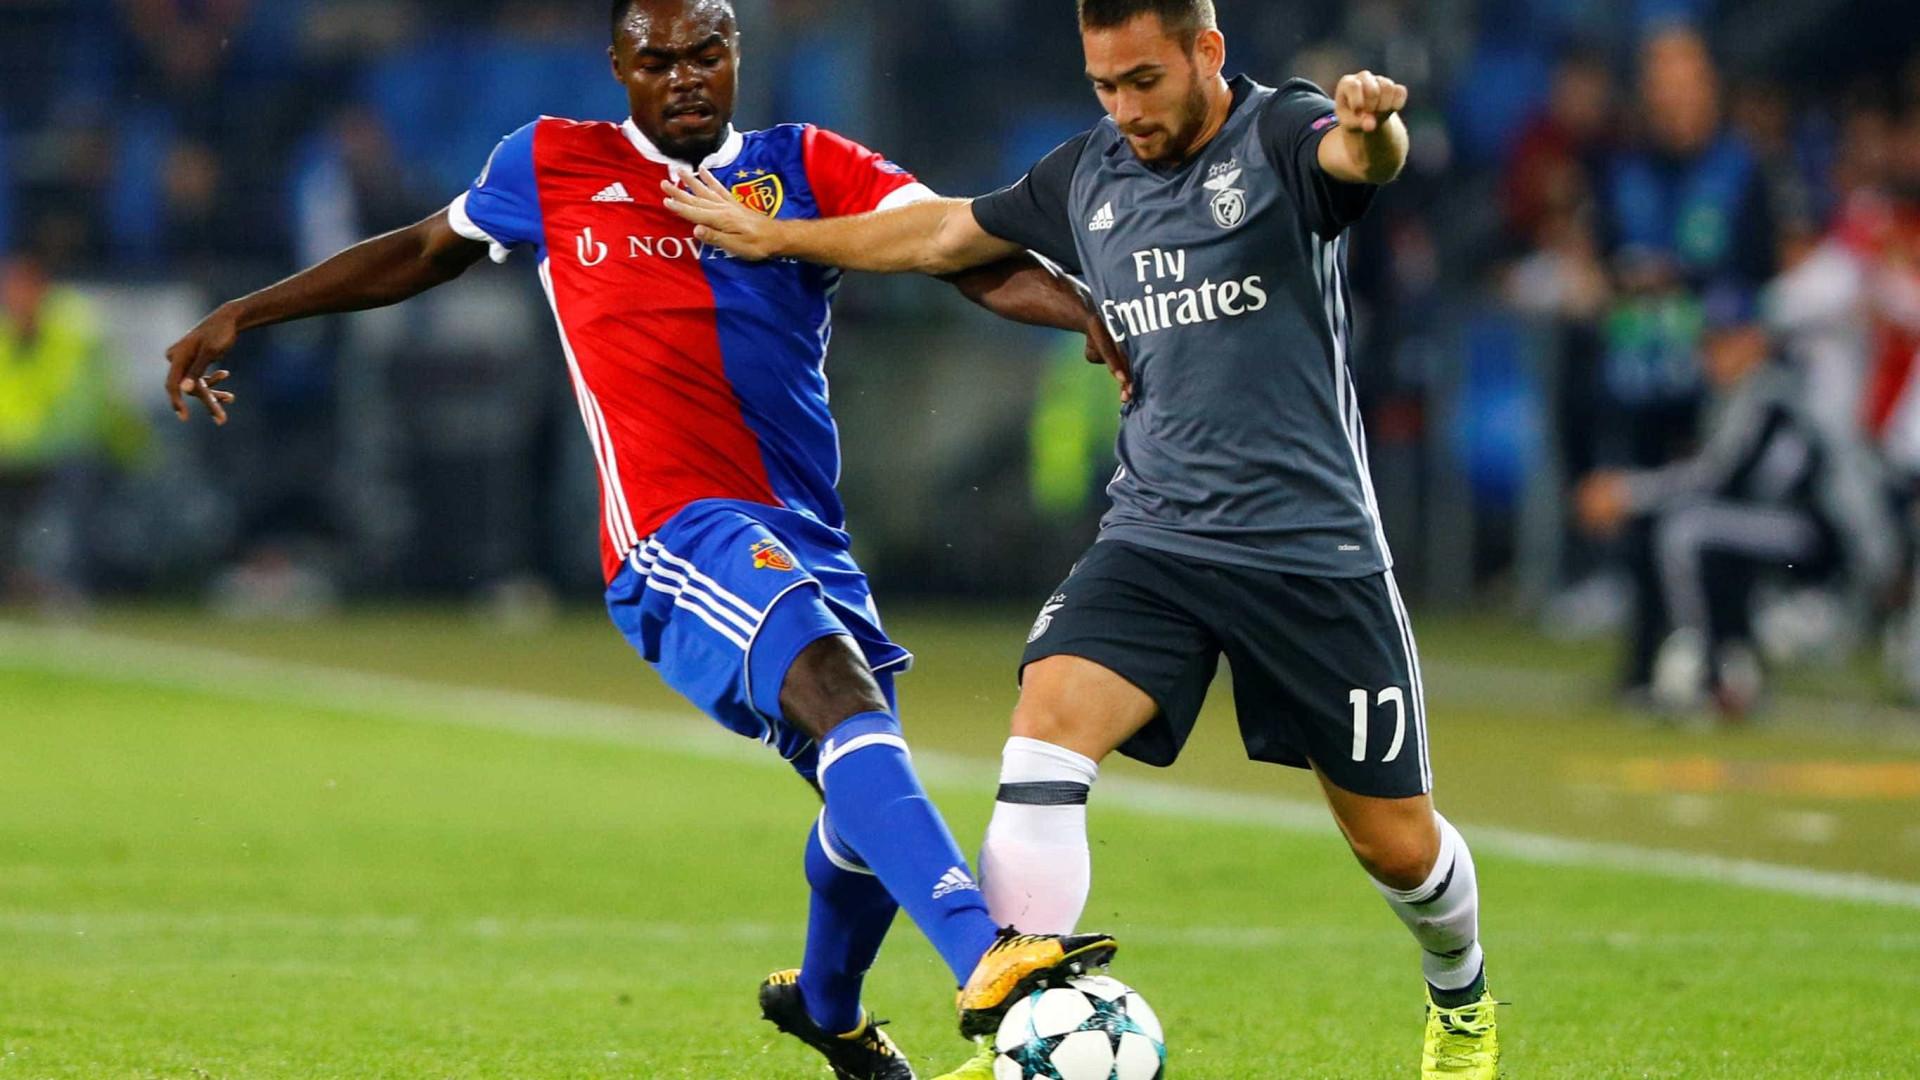 Sem espaço no Benfica, Zivkovic pode rumar a Espanha